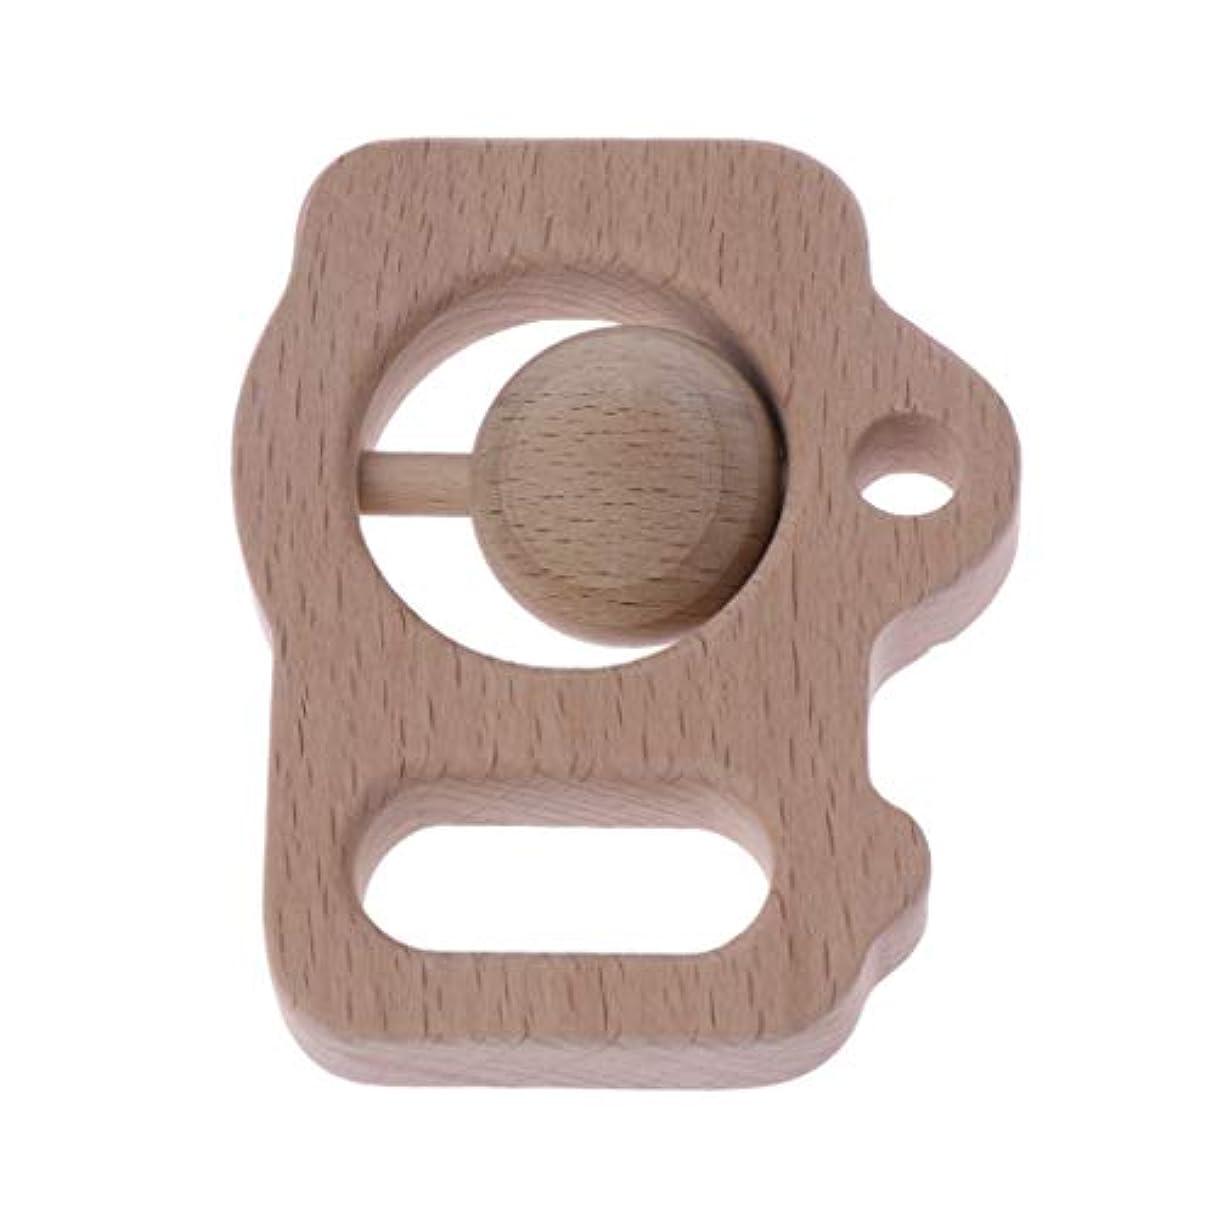 リンク可塑性ルビーランドウッドティーザーカメラガラガラユーカリティーザー赤ちゃん看護玩具かむ玩具歯が生えるガラガラおもちゃ